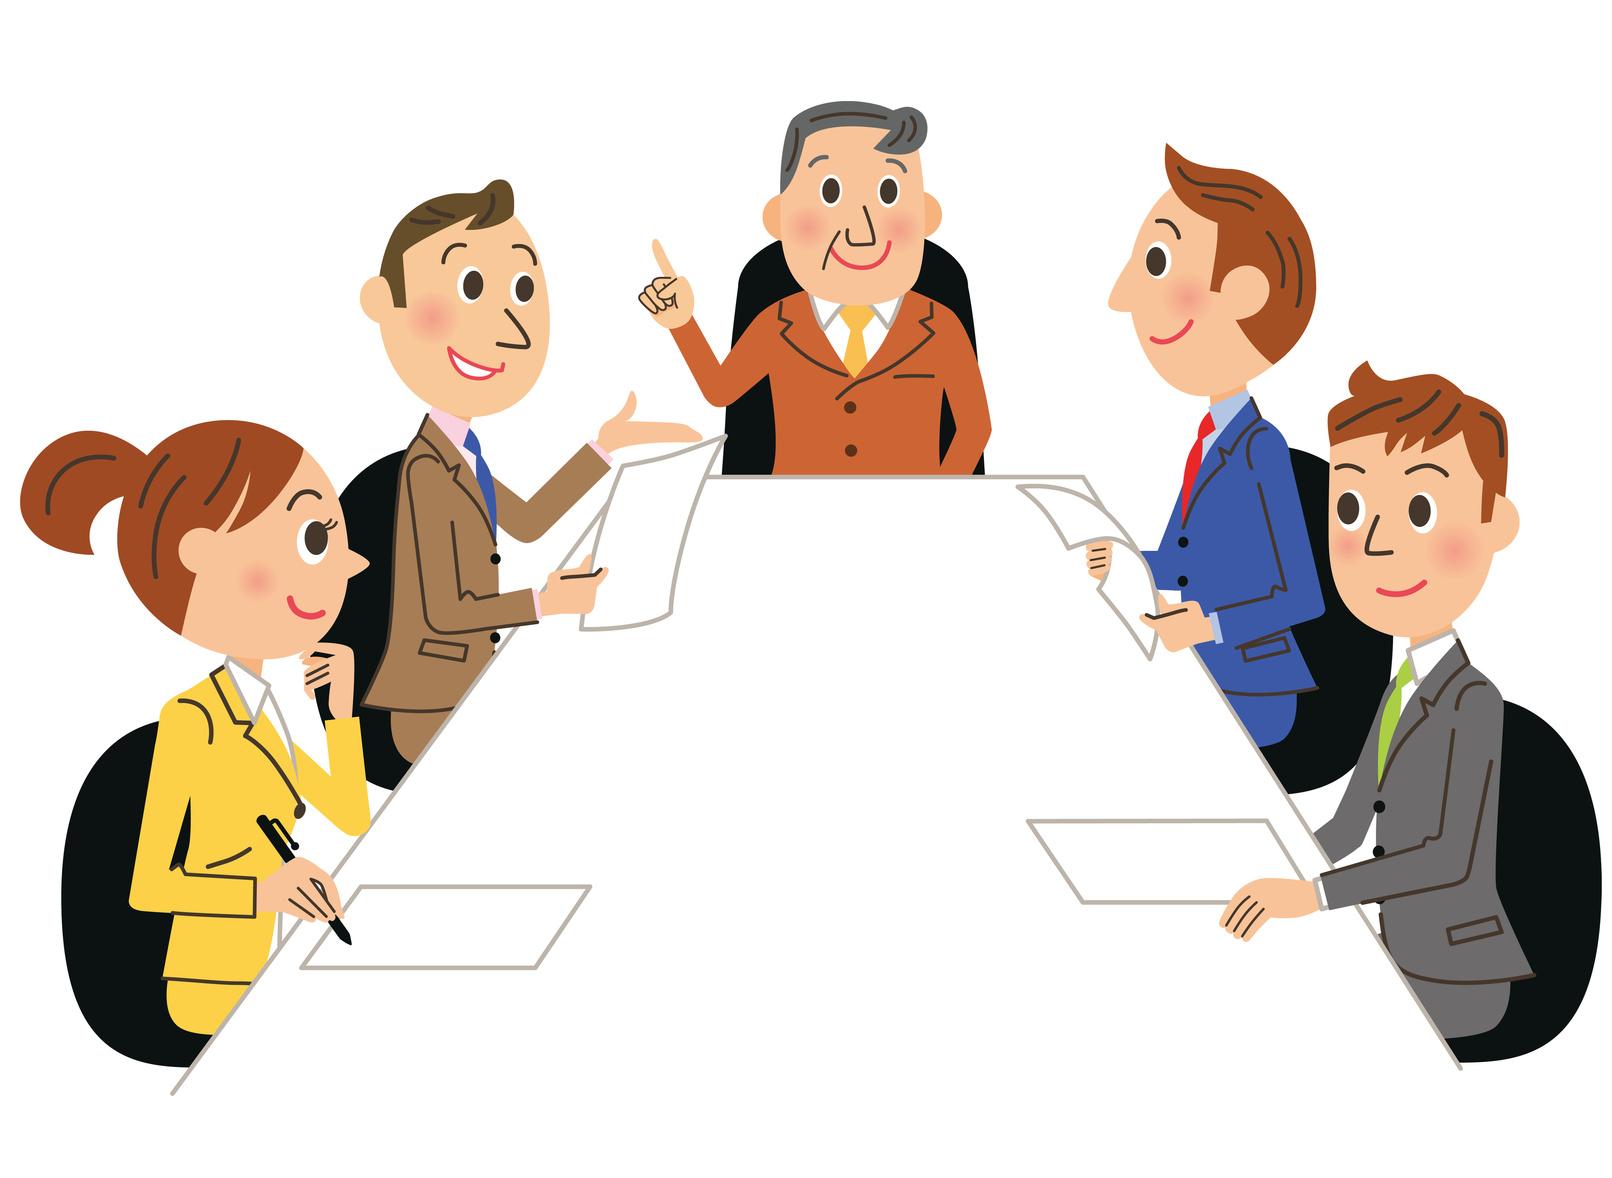 boj policy meeting